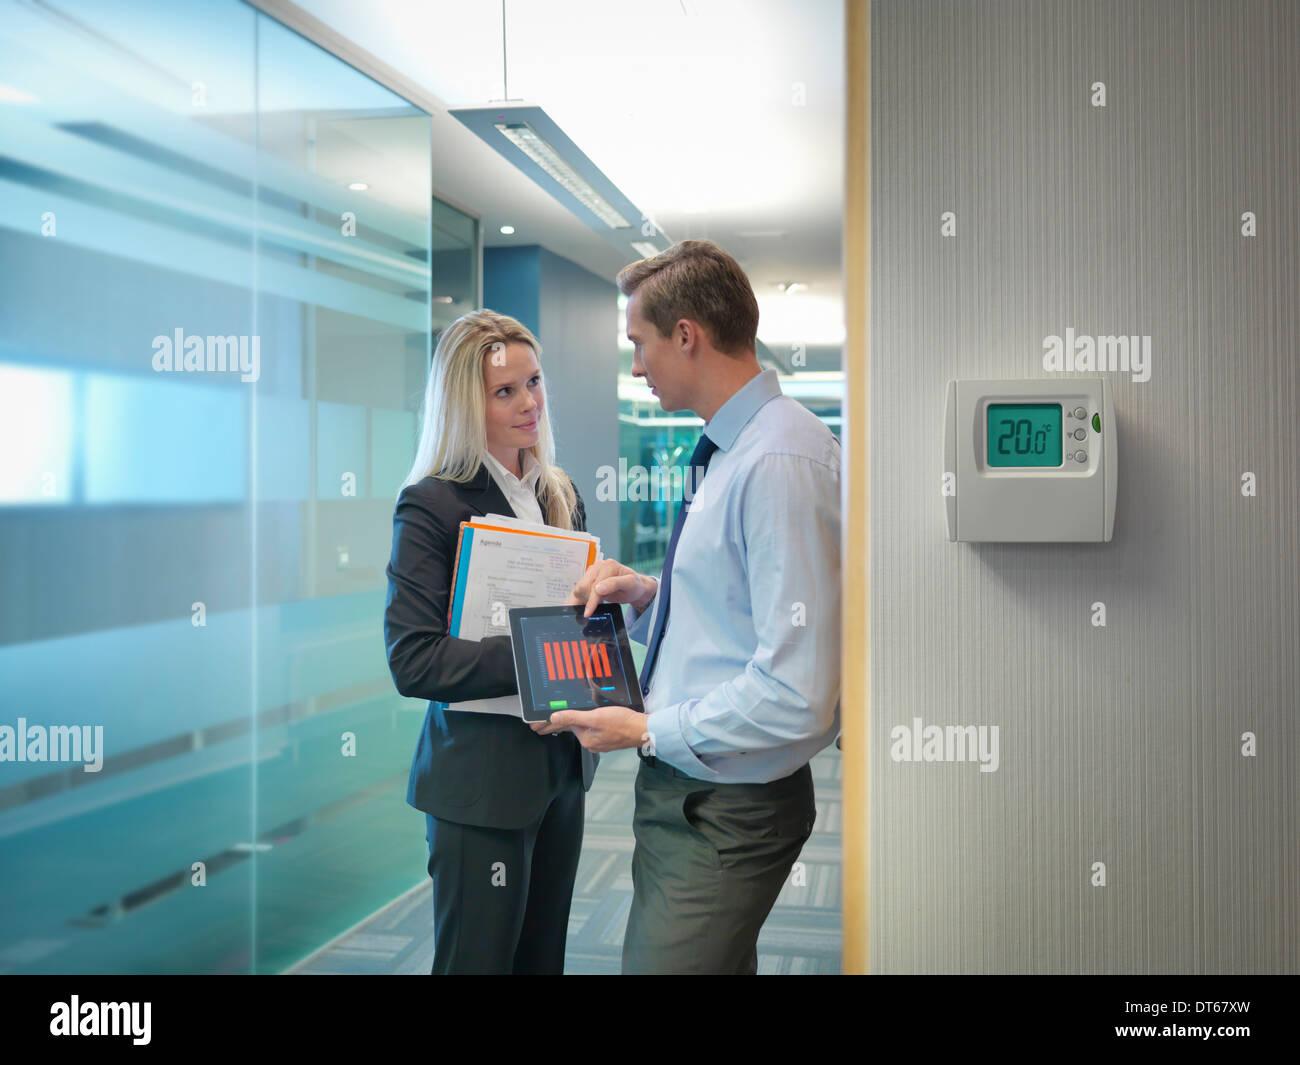 Los trabajadores de oficina y archivos digitales holding tablet discutiendo el uso de energía de oficina Imagen De Stock